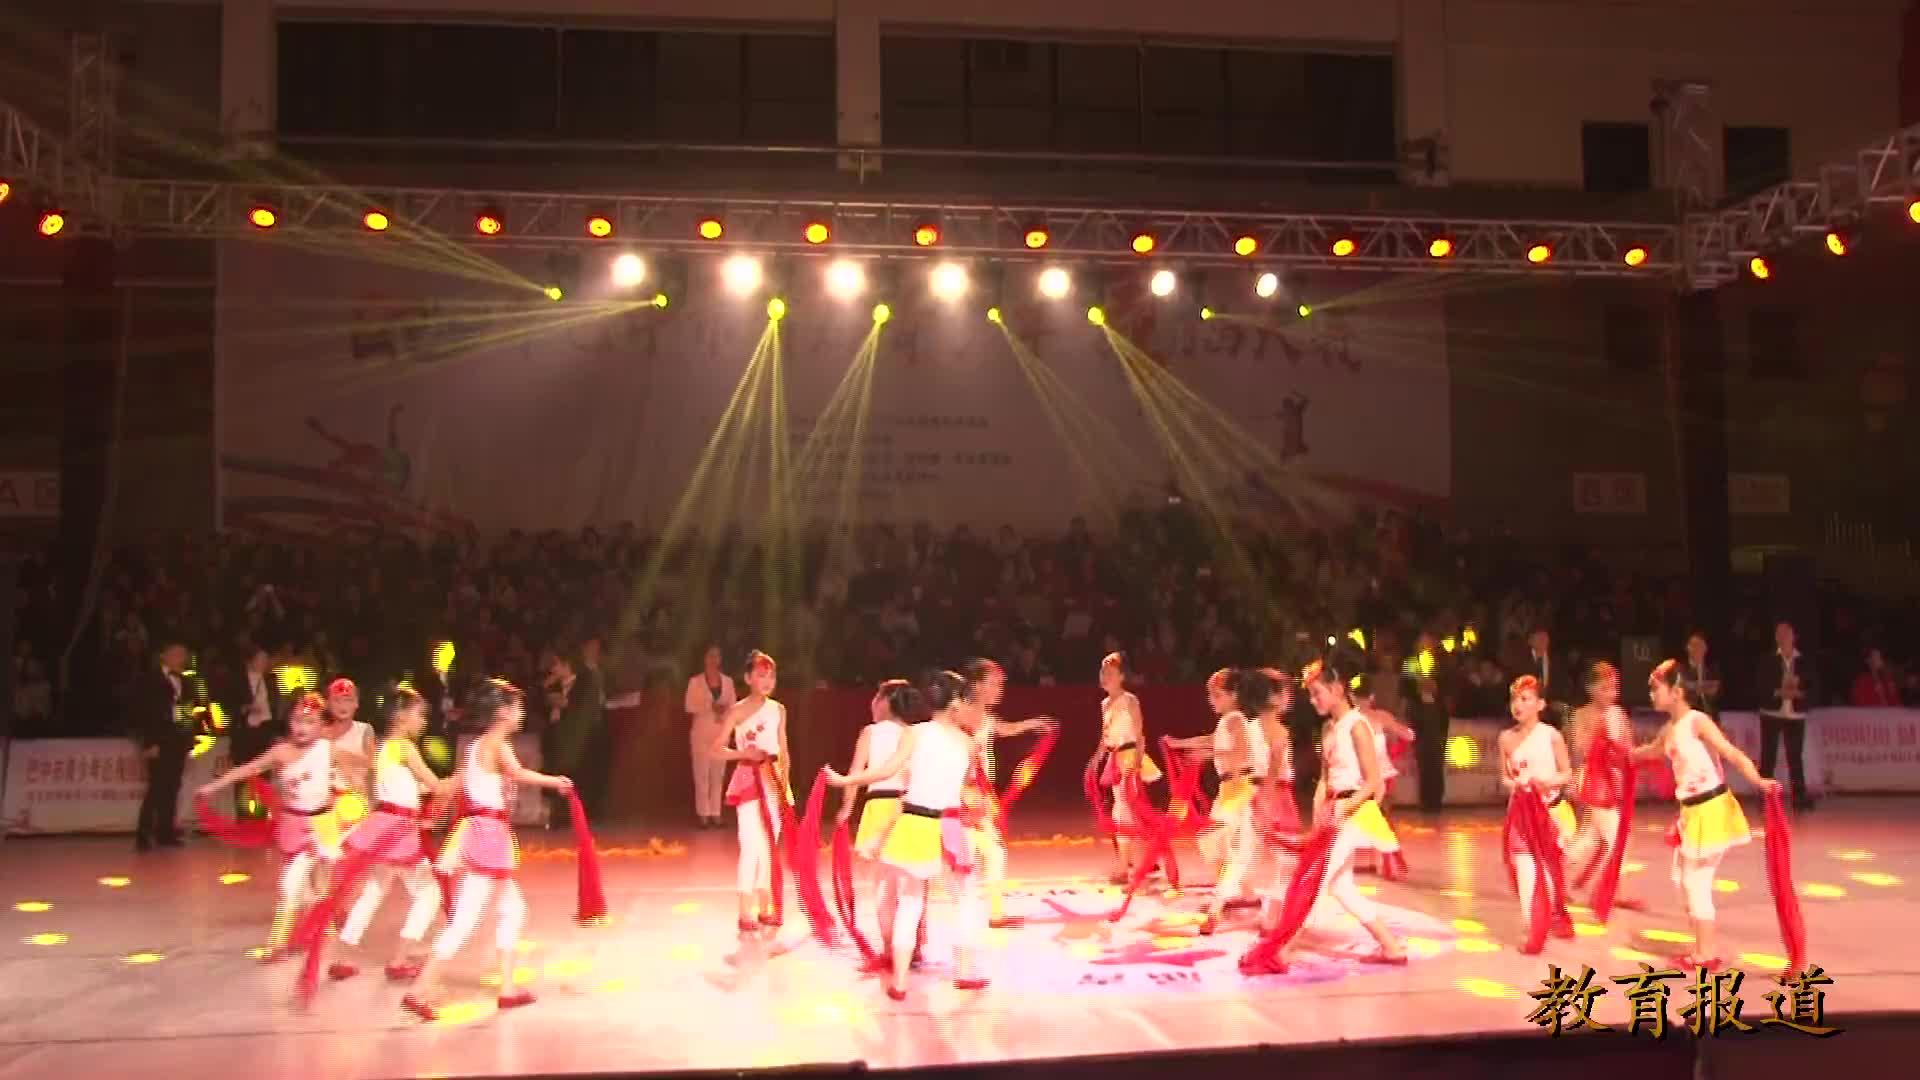 巴中市首届青少年舞蹈大赛圆满落幕